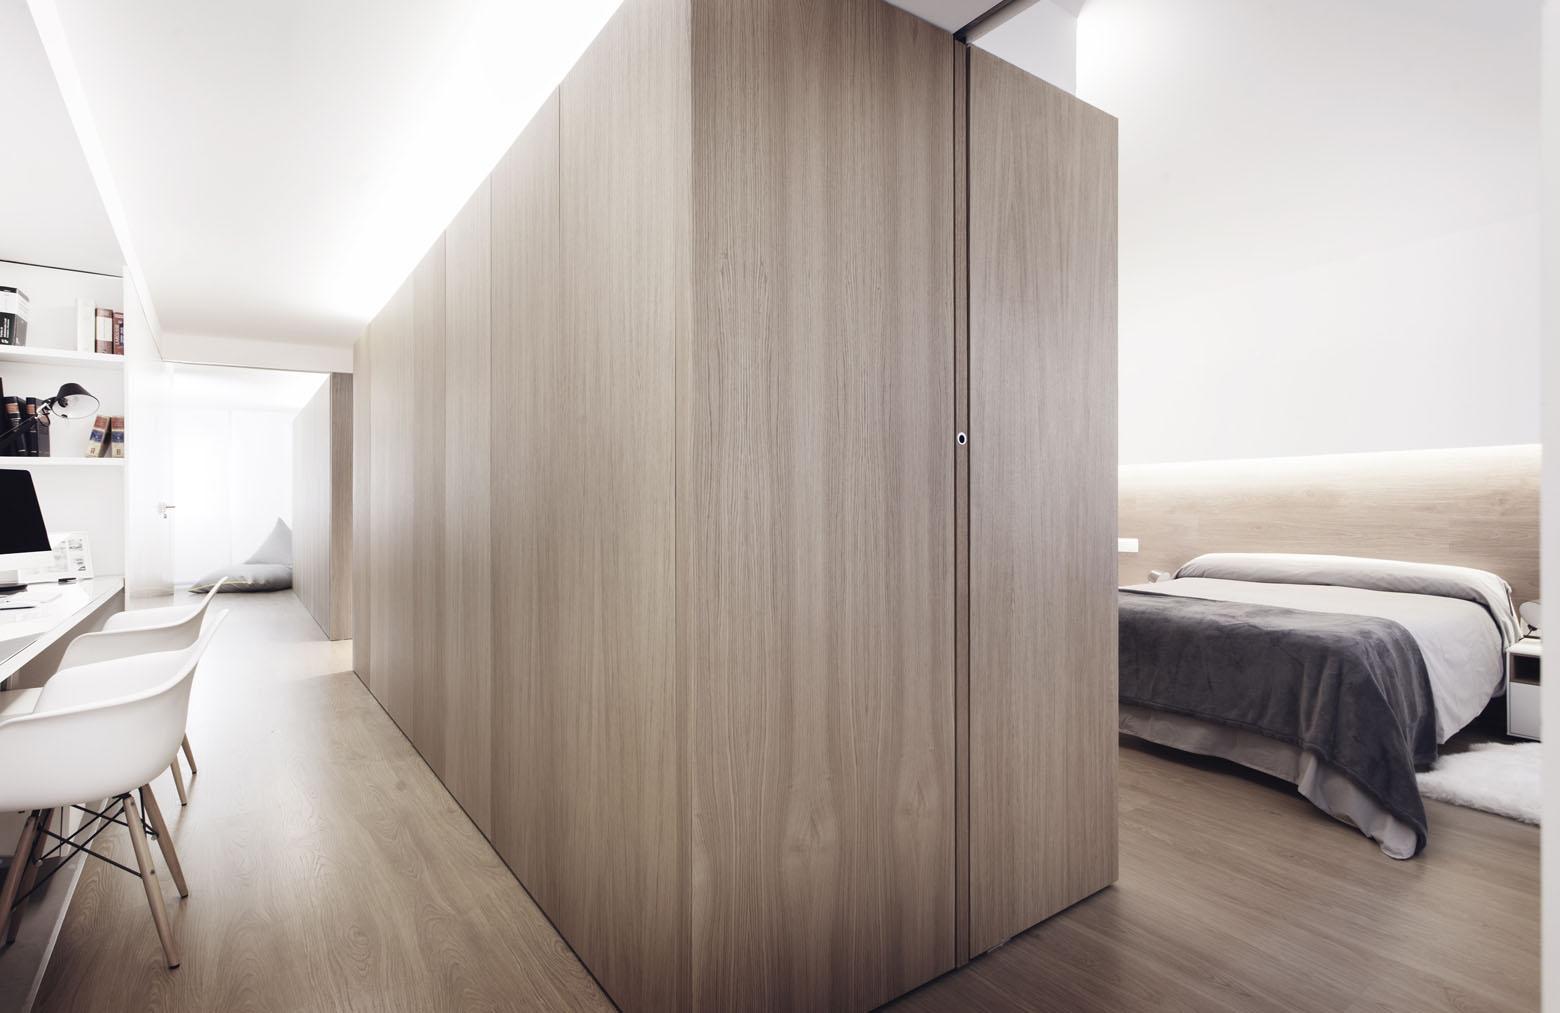 дизайн интерьер квартиры